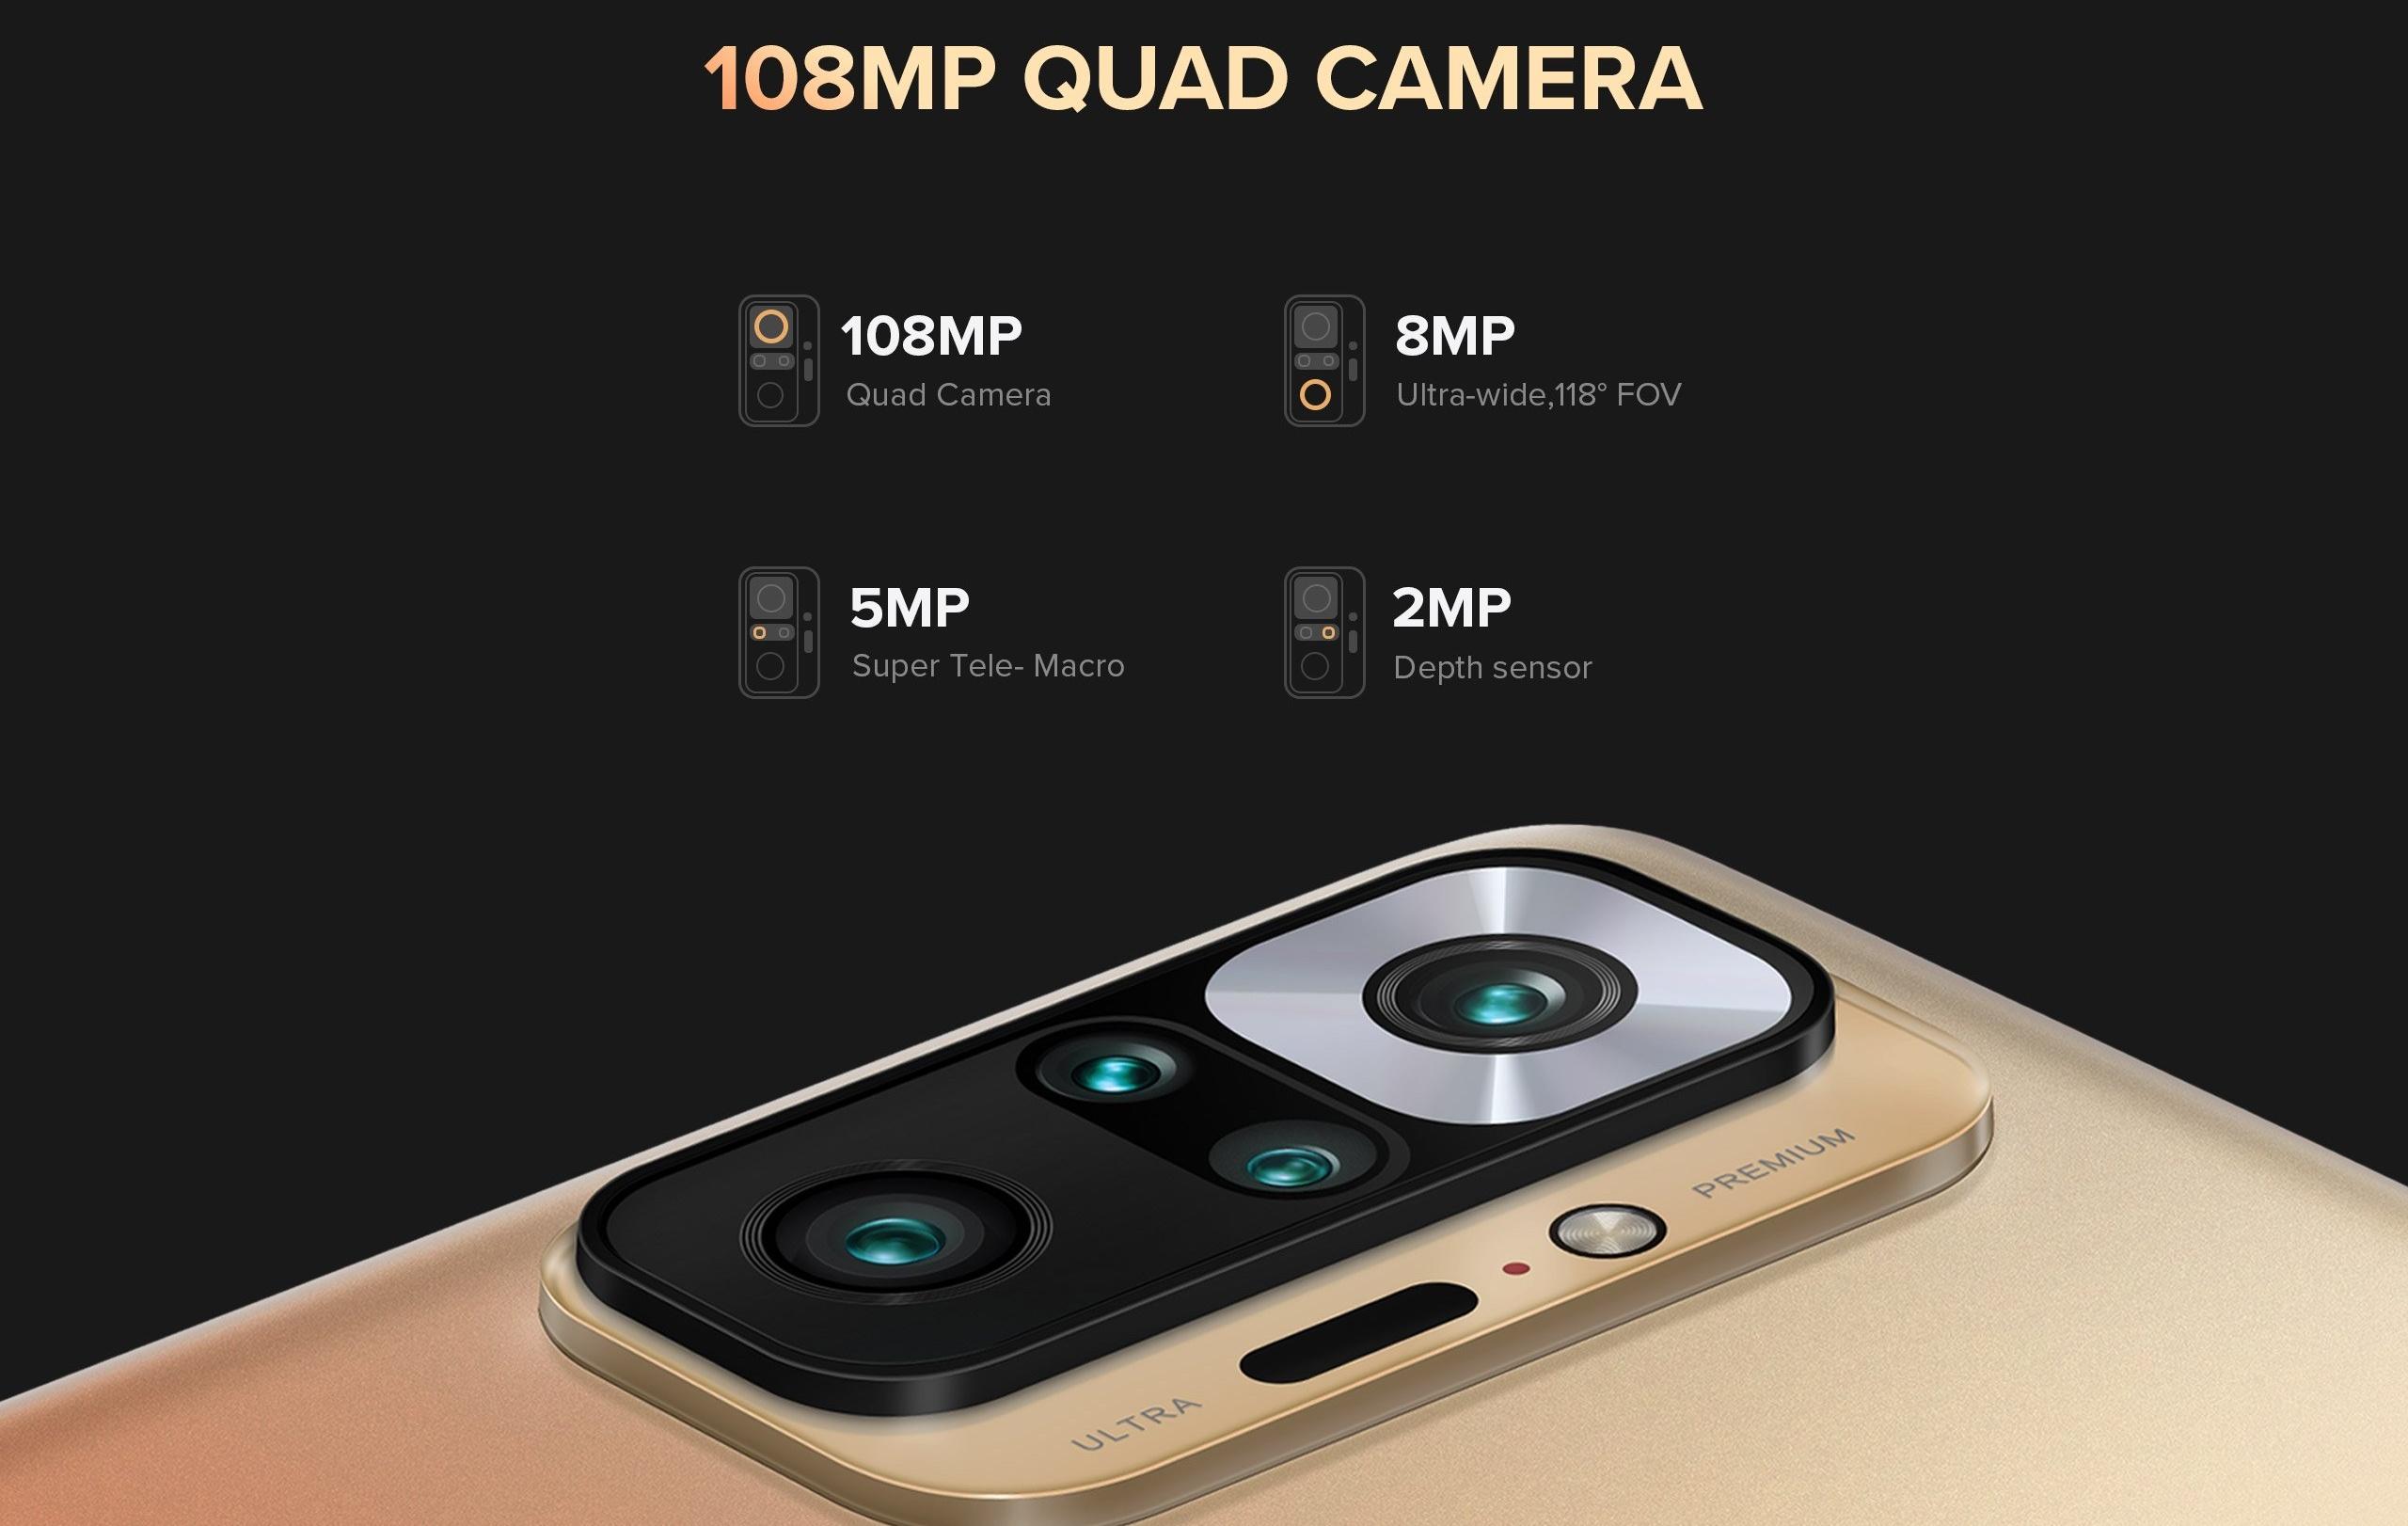 Redmi Note 10 Pro - 108MP camera